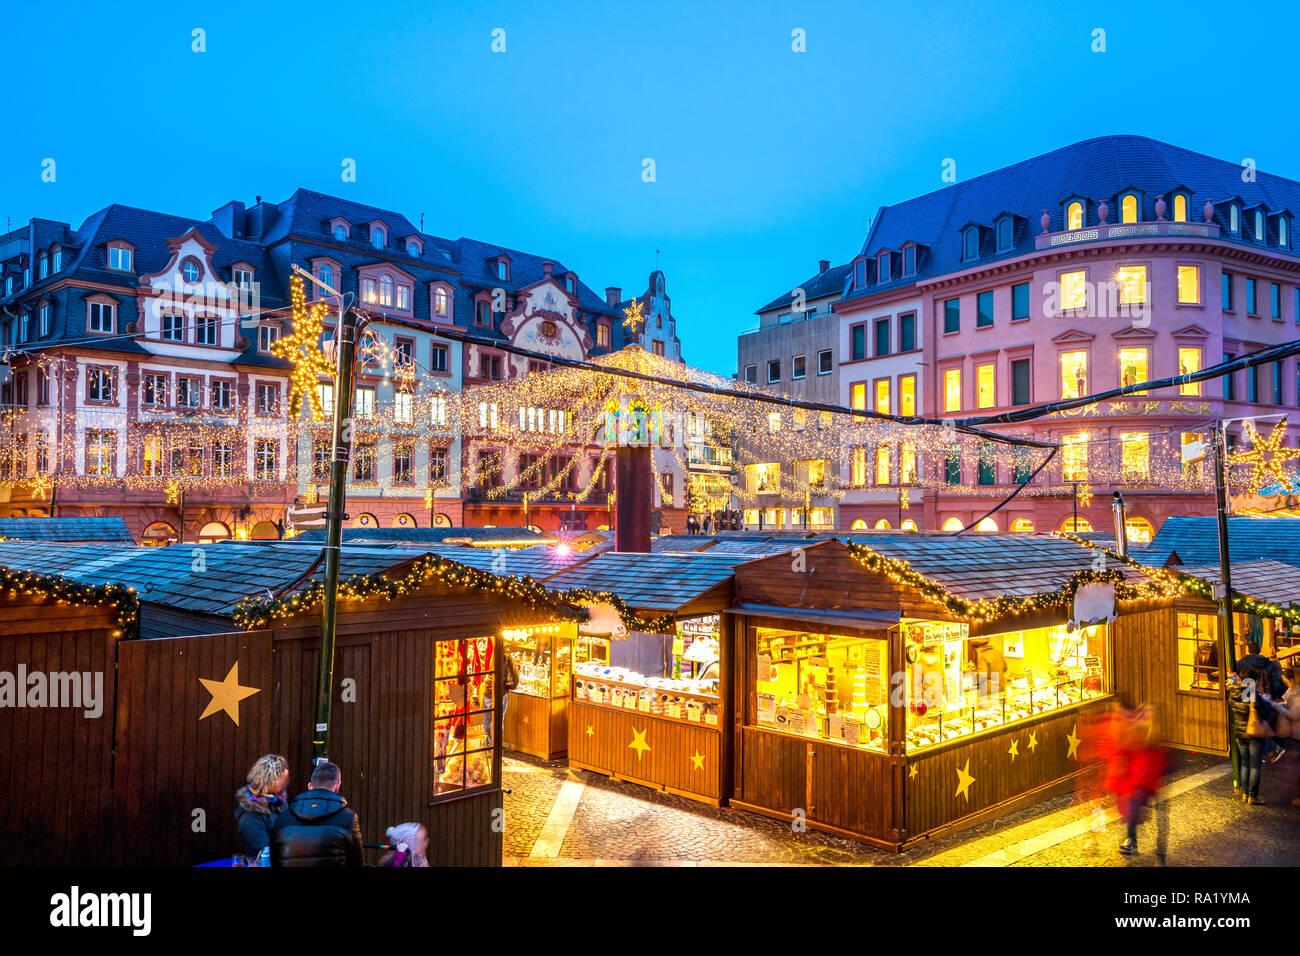 Weihnachtsmarkt Mainz.Weihnachtsmarkt Mainz Deutschland Stockfoto Bild 229925034 Alamy